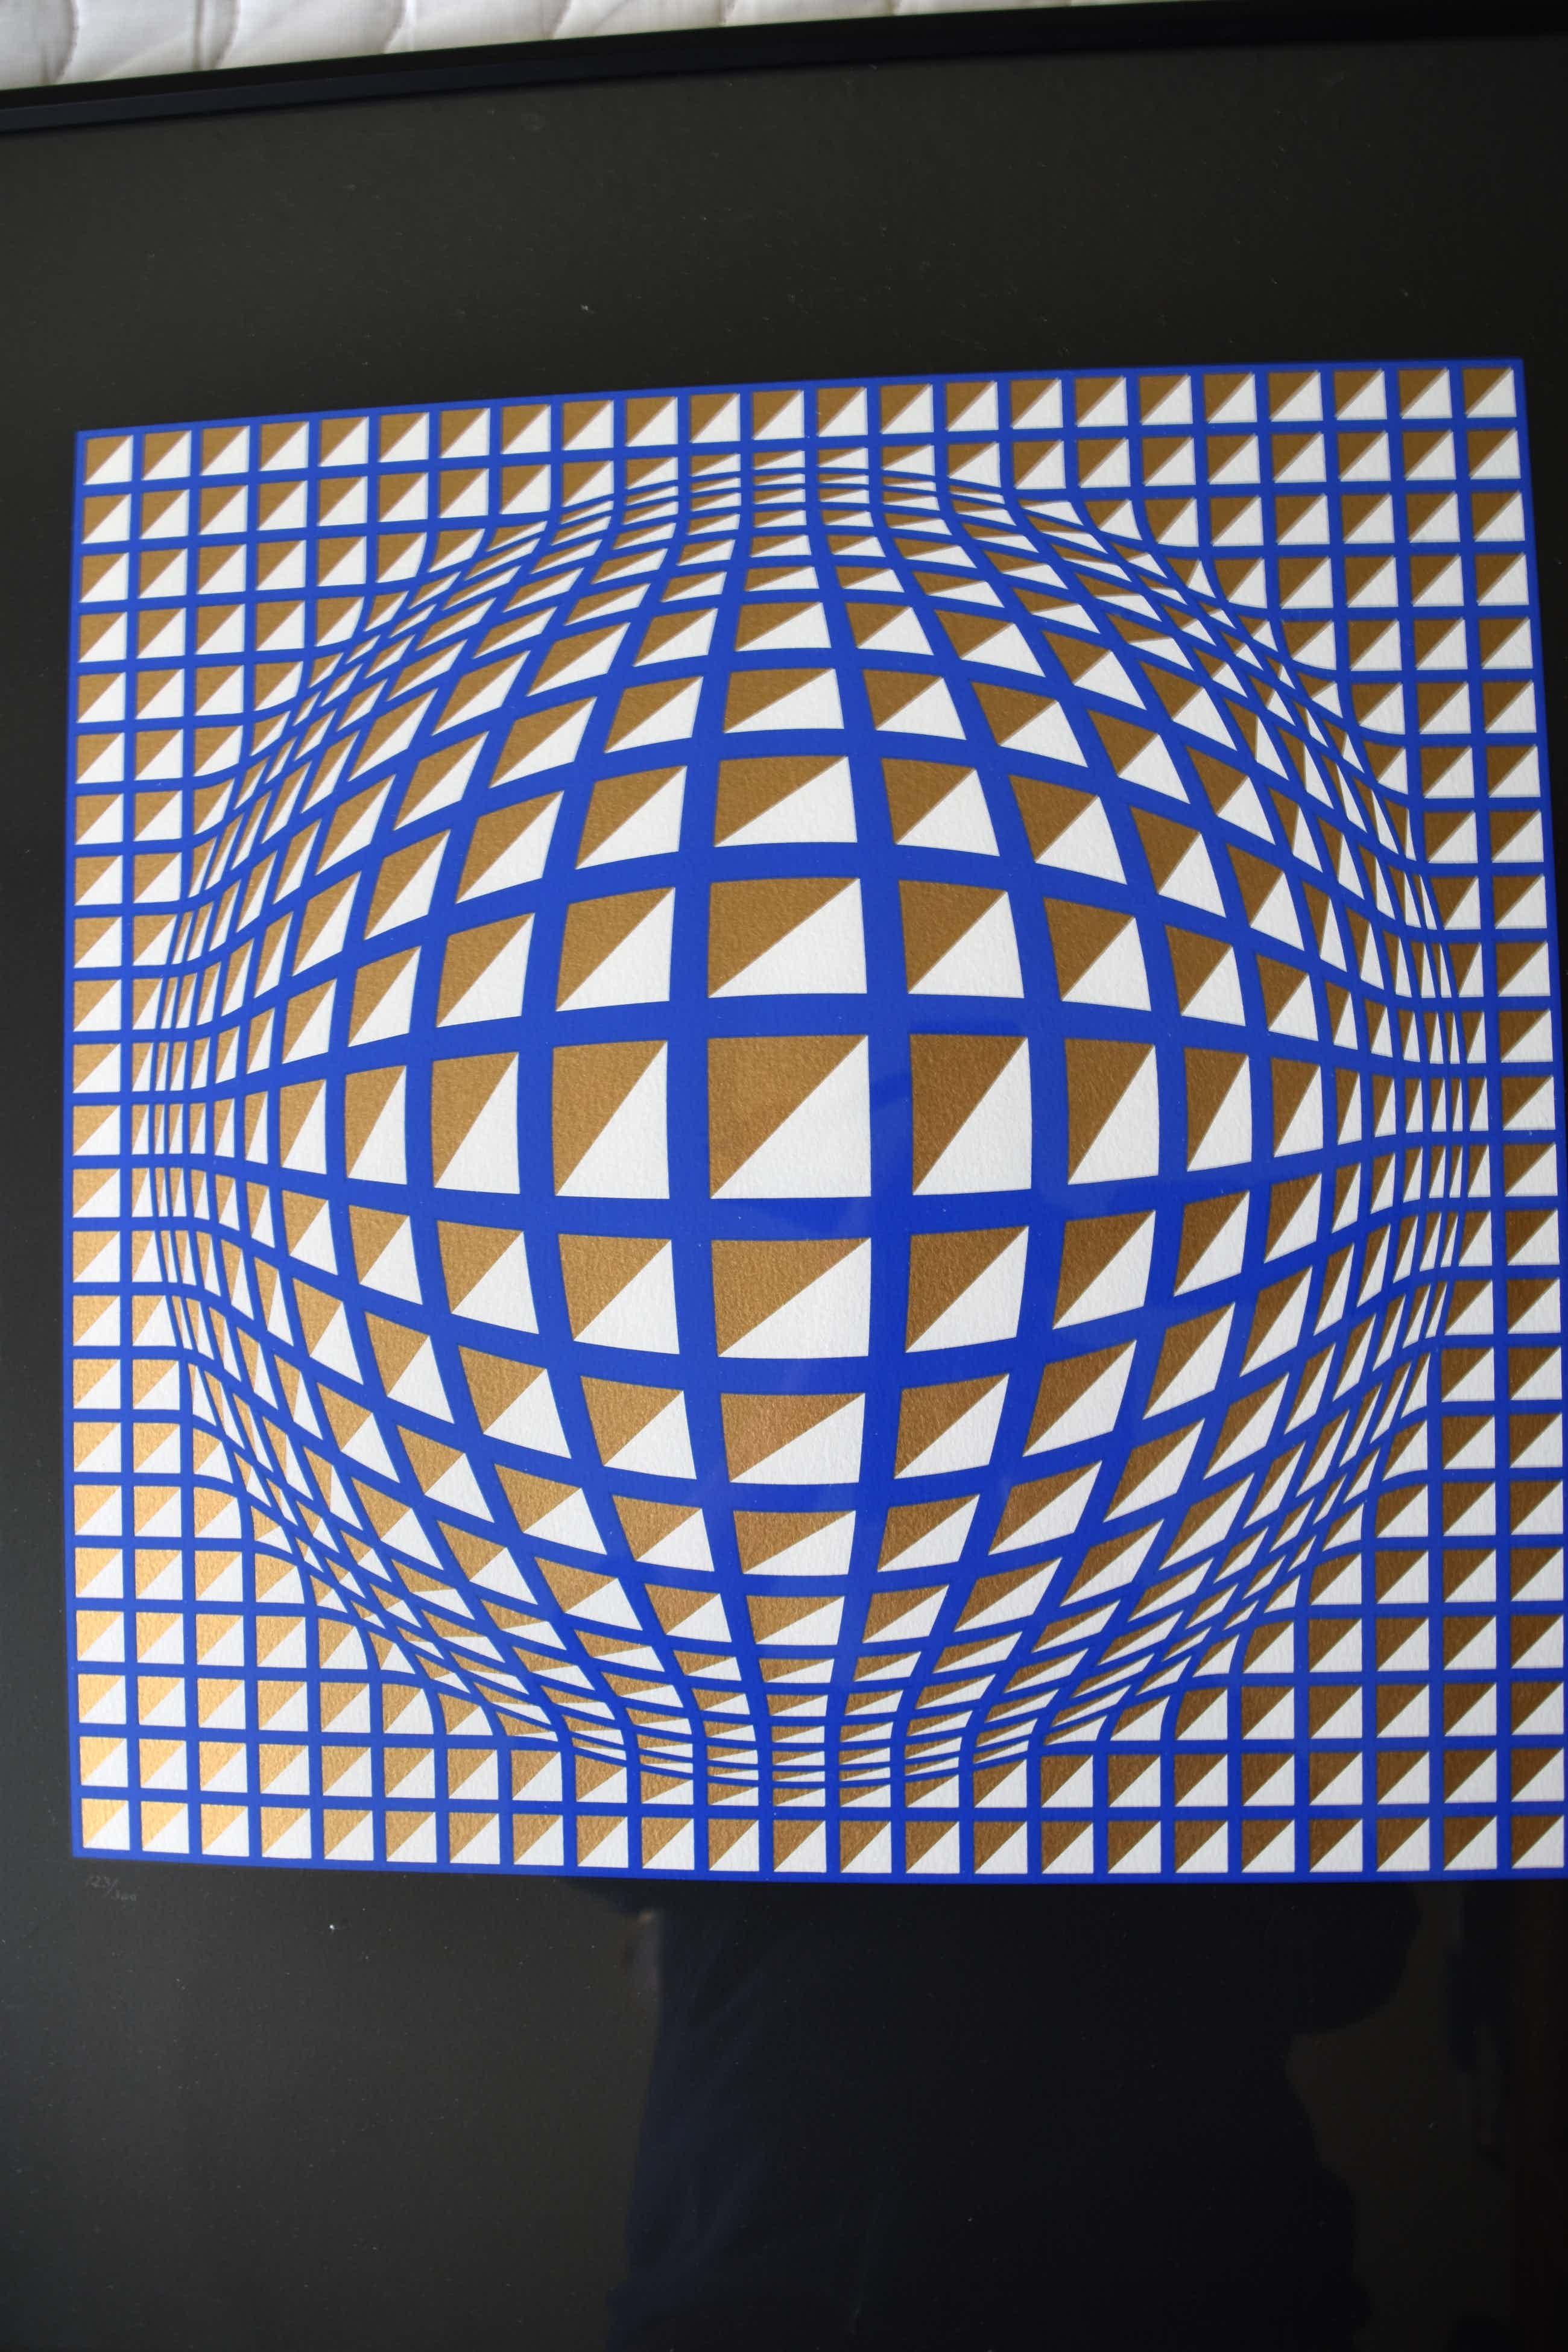 Victor Vasarely - Ball, Louisiana kopen? Bied vanaf 620!